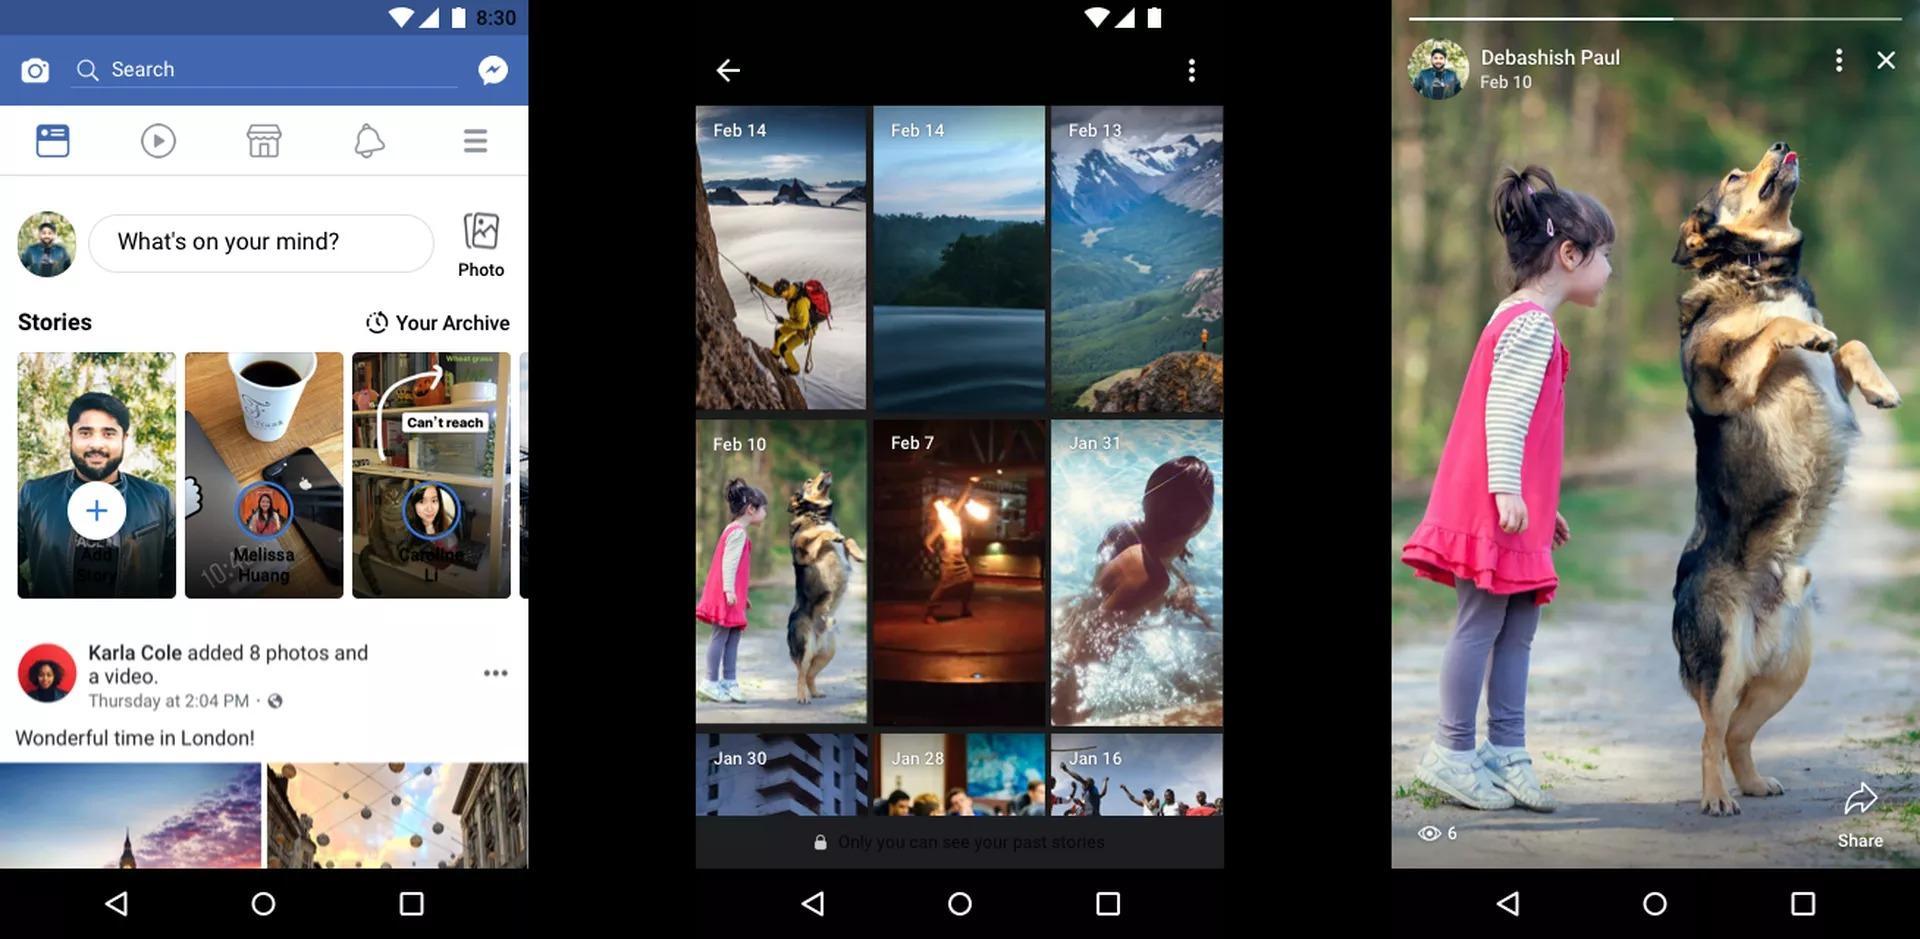 توفر الميزة الثالثة لمستخدمي Facebook إمكانية حفظ أبرز المشاركات من القصص التي يشاركونها